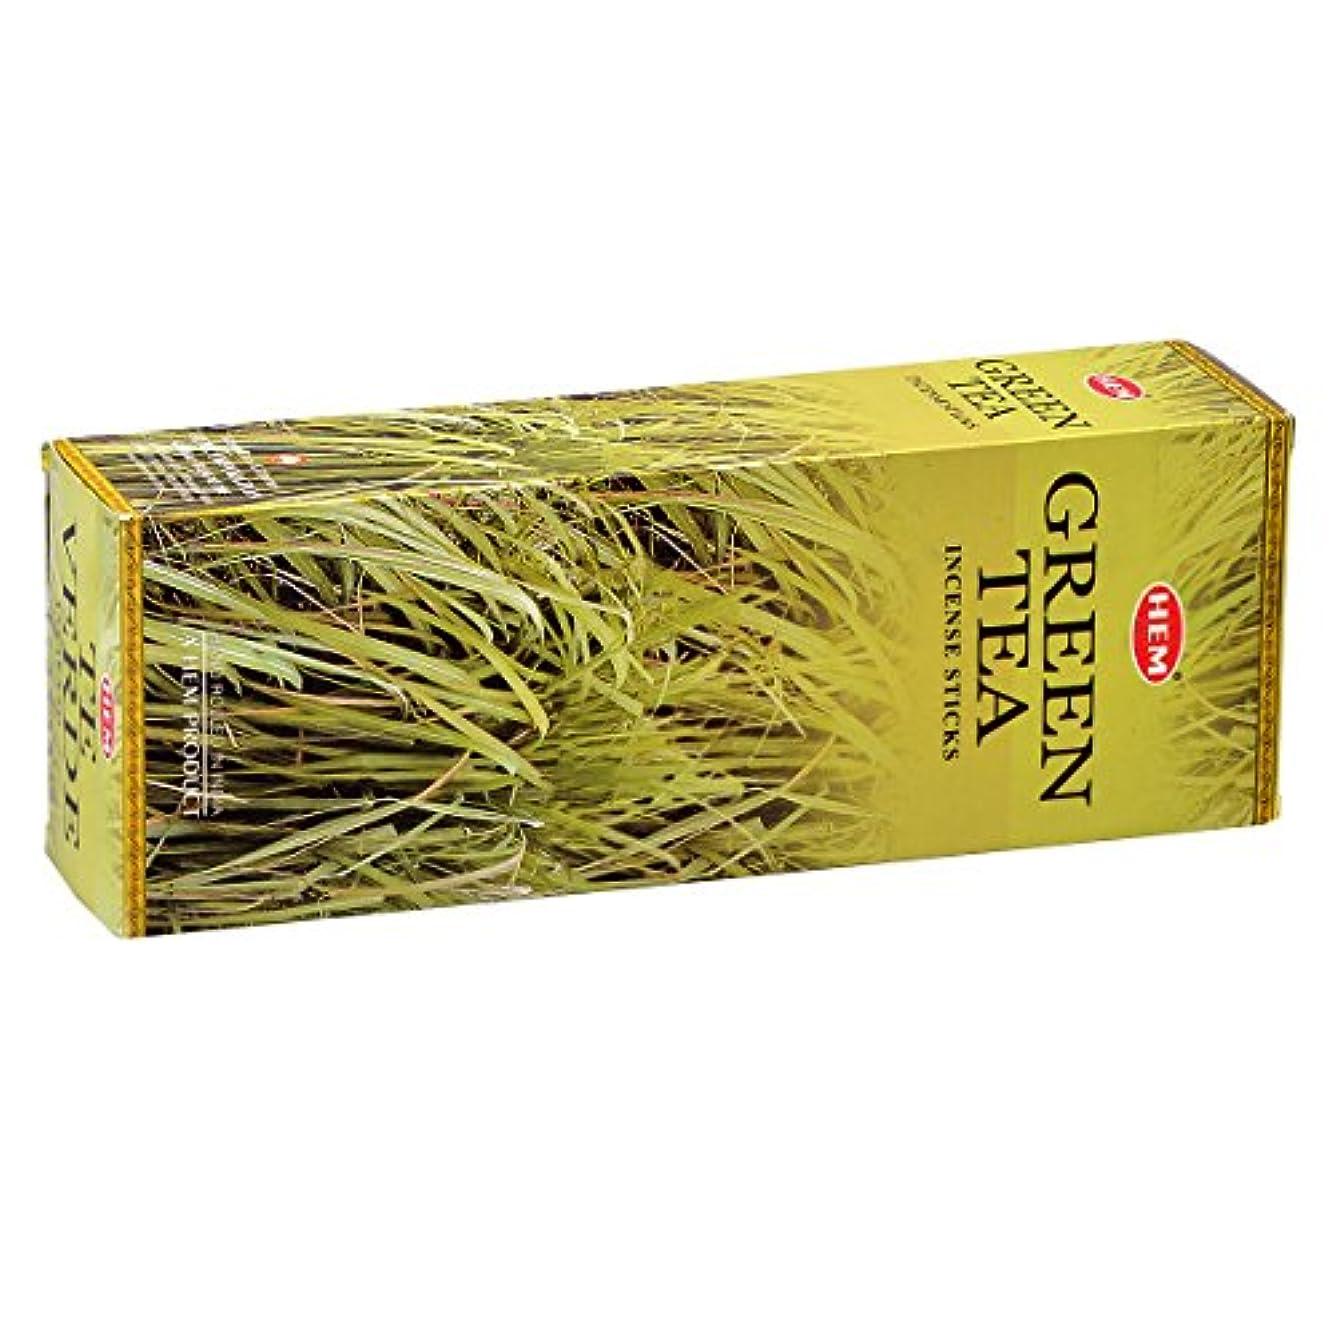 どこにも想像力豊かな悩みHEM(ヘム) グリーン ティー GREEN TEA スティックタイプ お香 6筒 セット [並行輸入品]